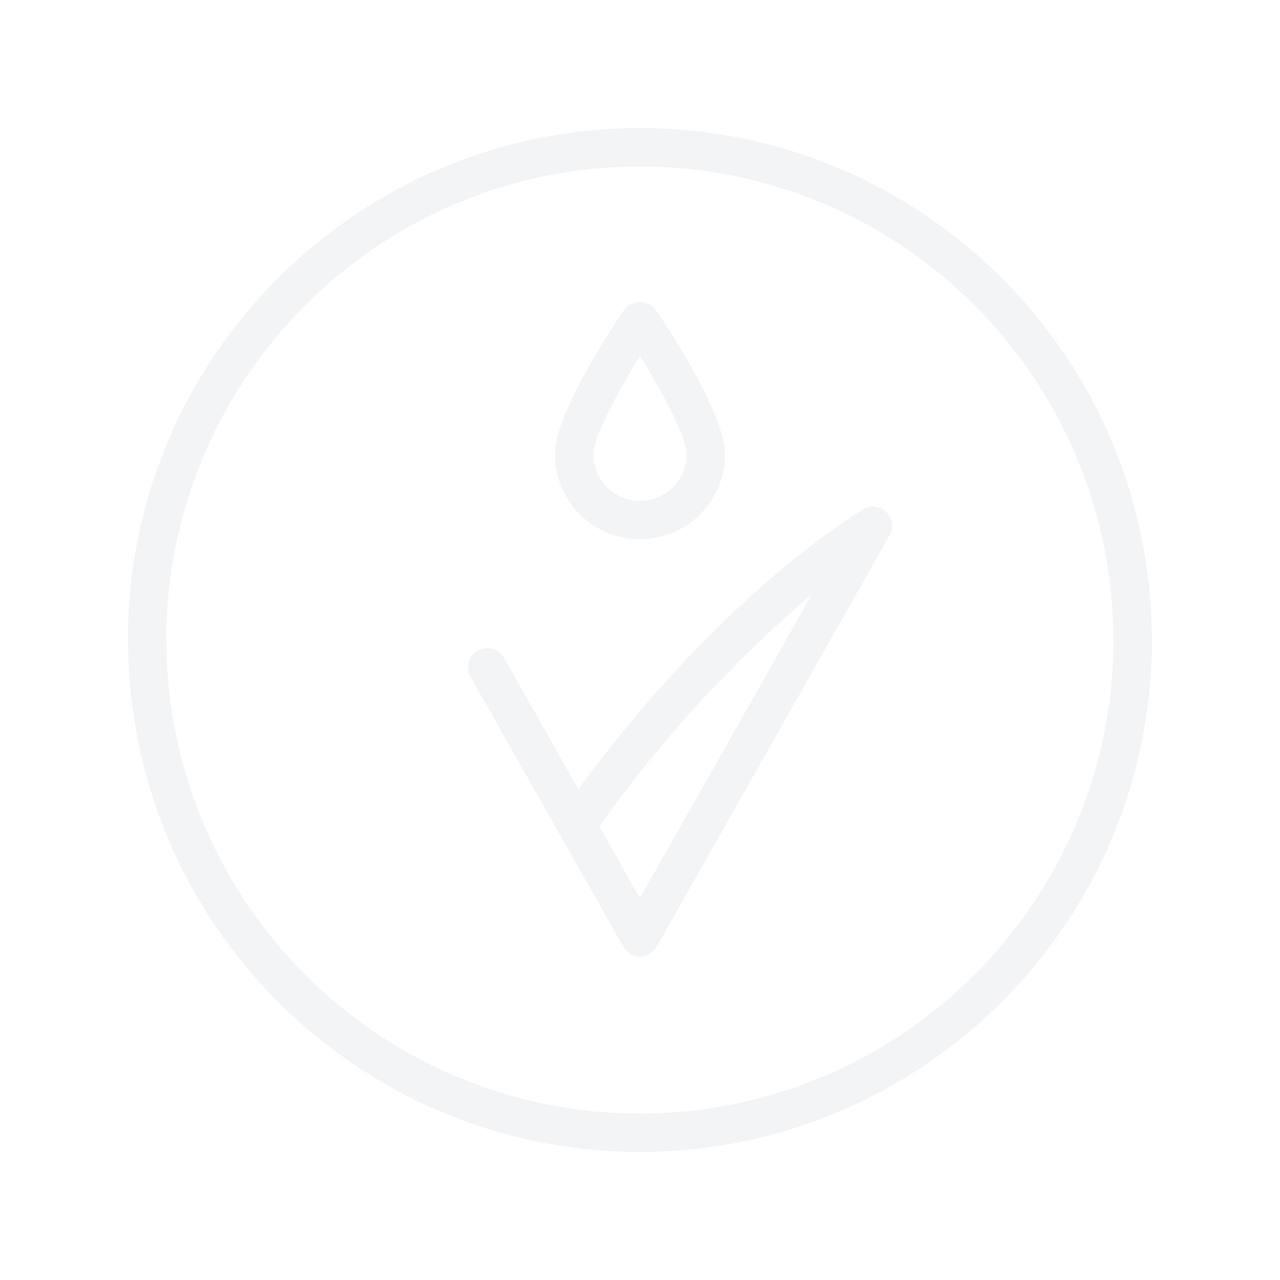 PLACENT ACTIV MILANO Hair Vitamins витамины для роста волос 72g